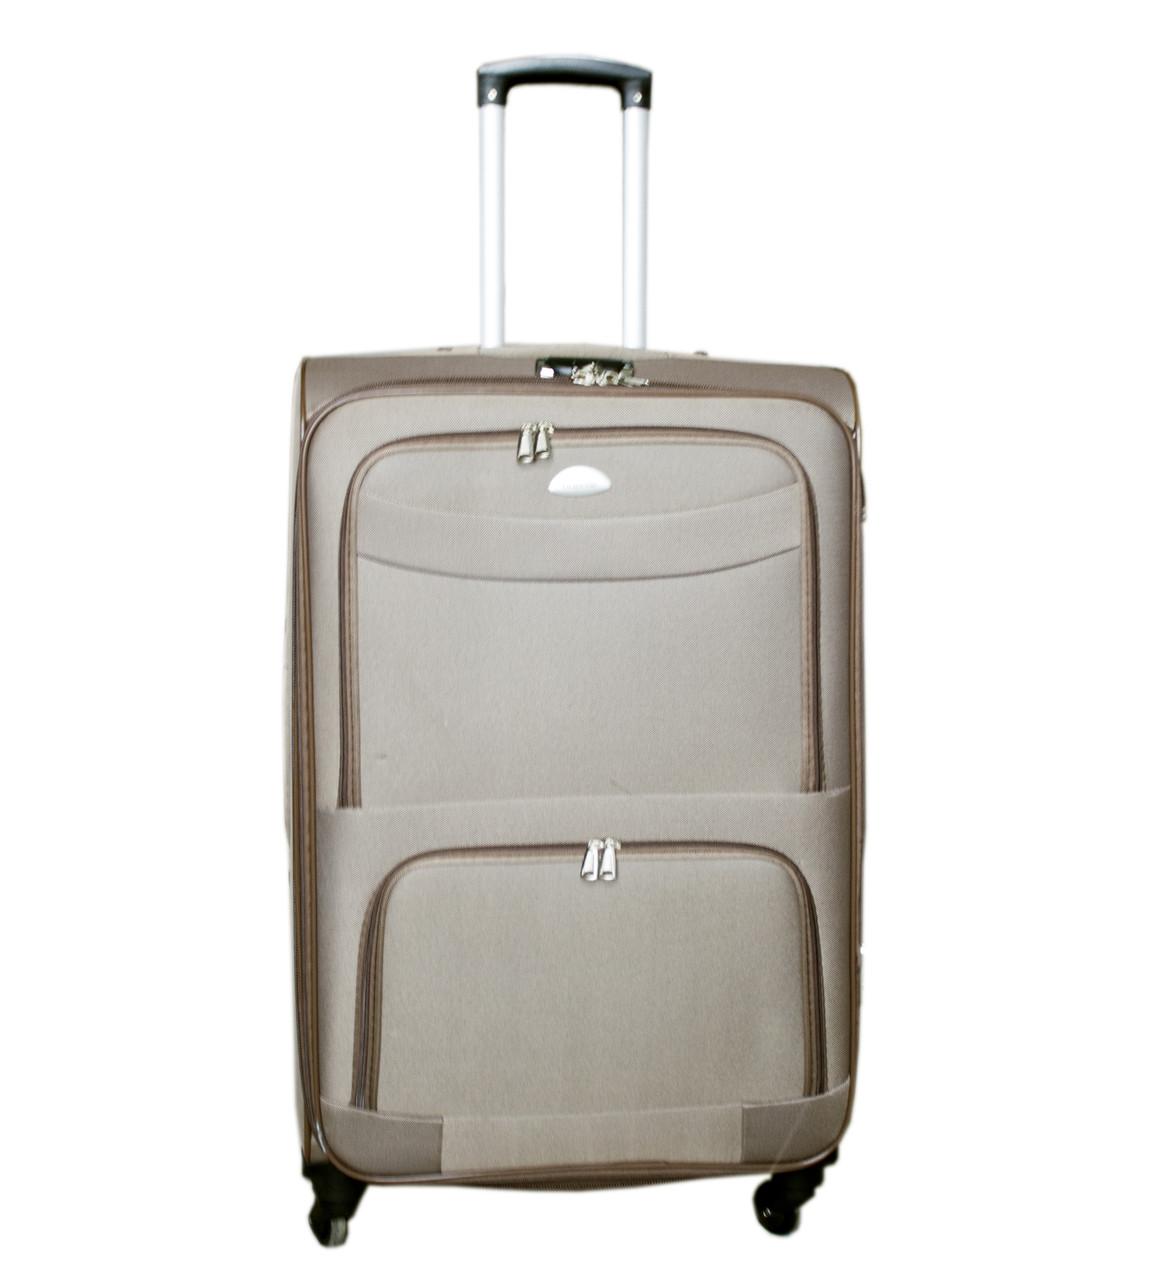 Дорожный чемодан 4 колеса набор 3 штуки песочный, артикул: 6-240